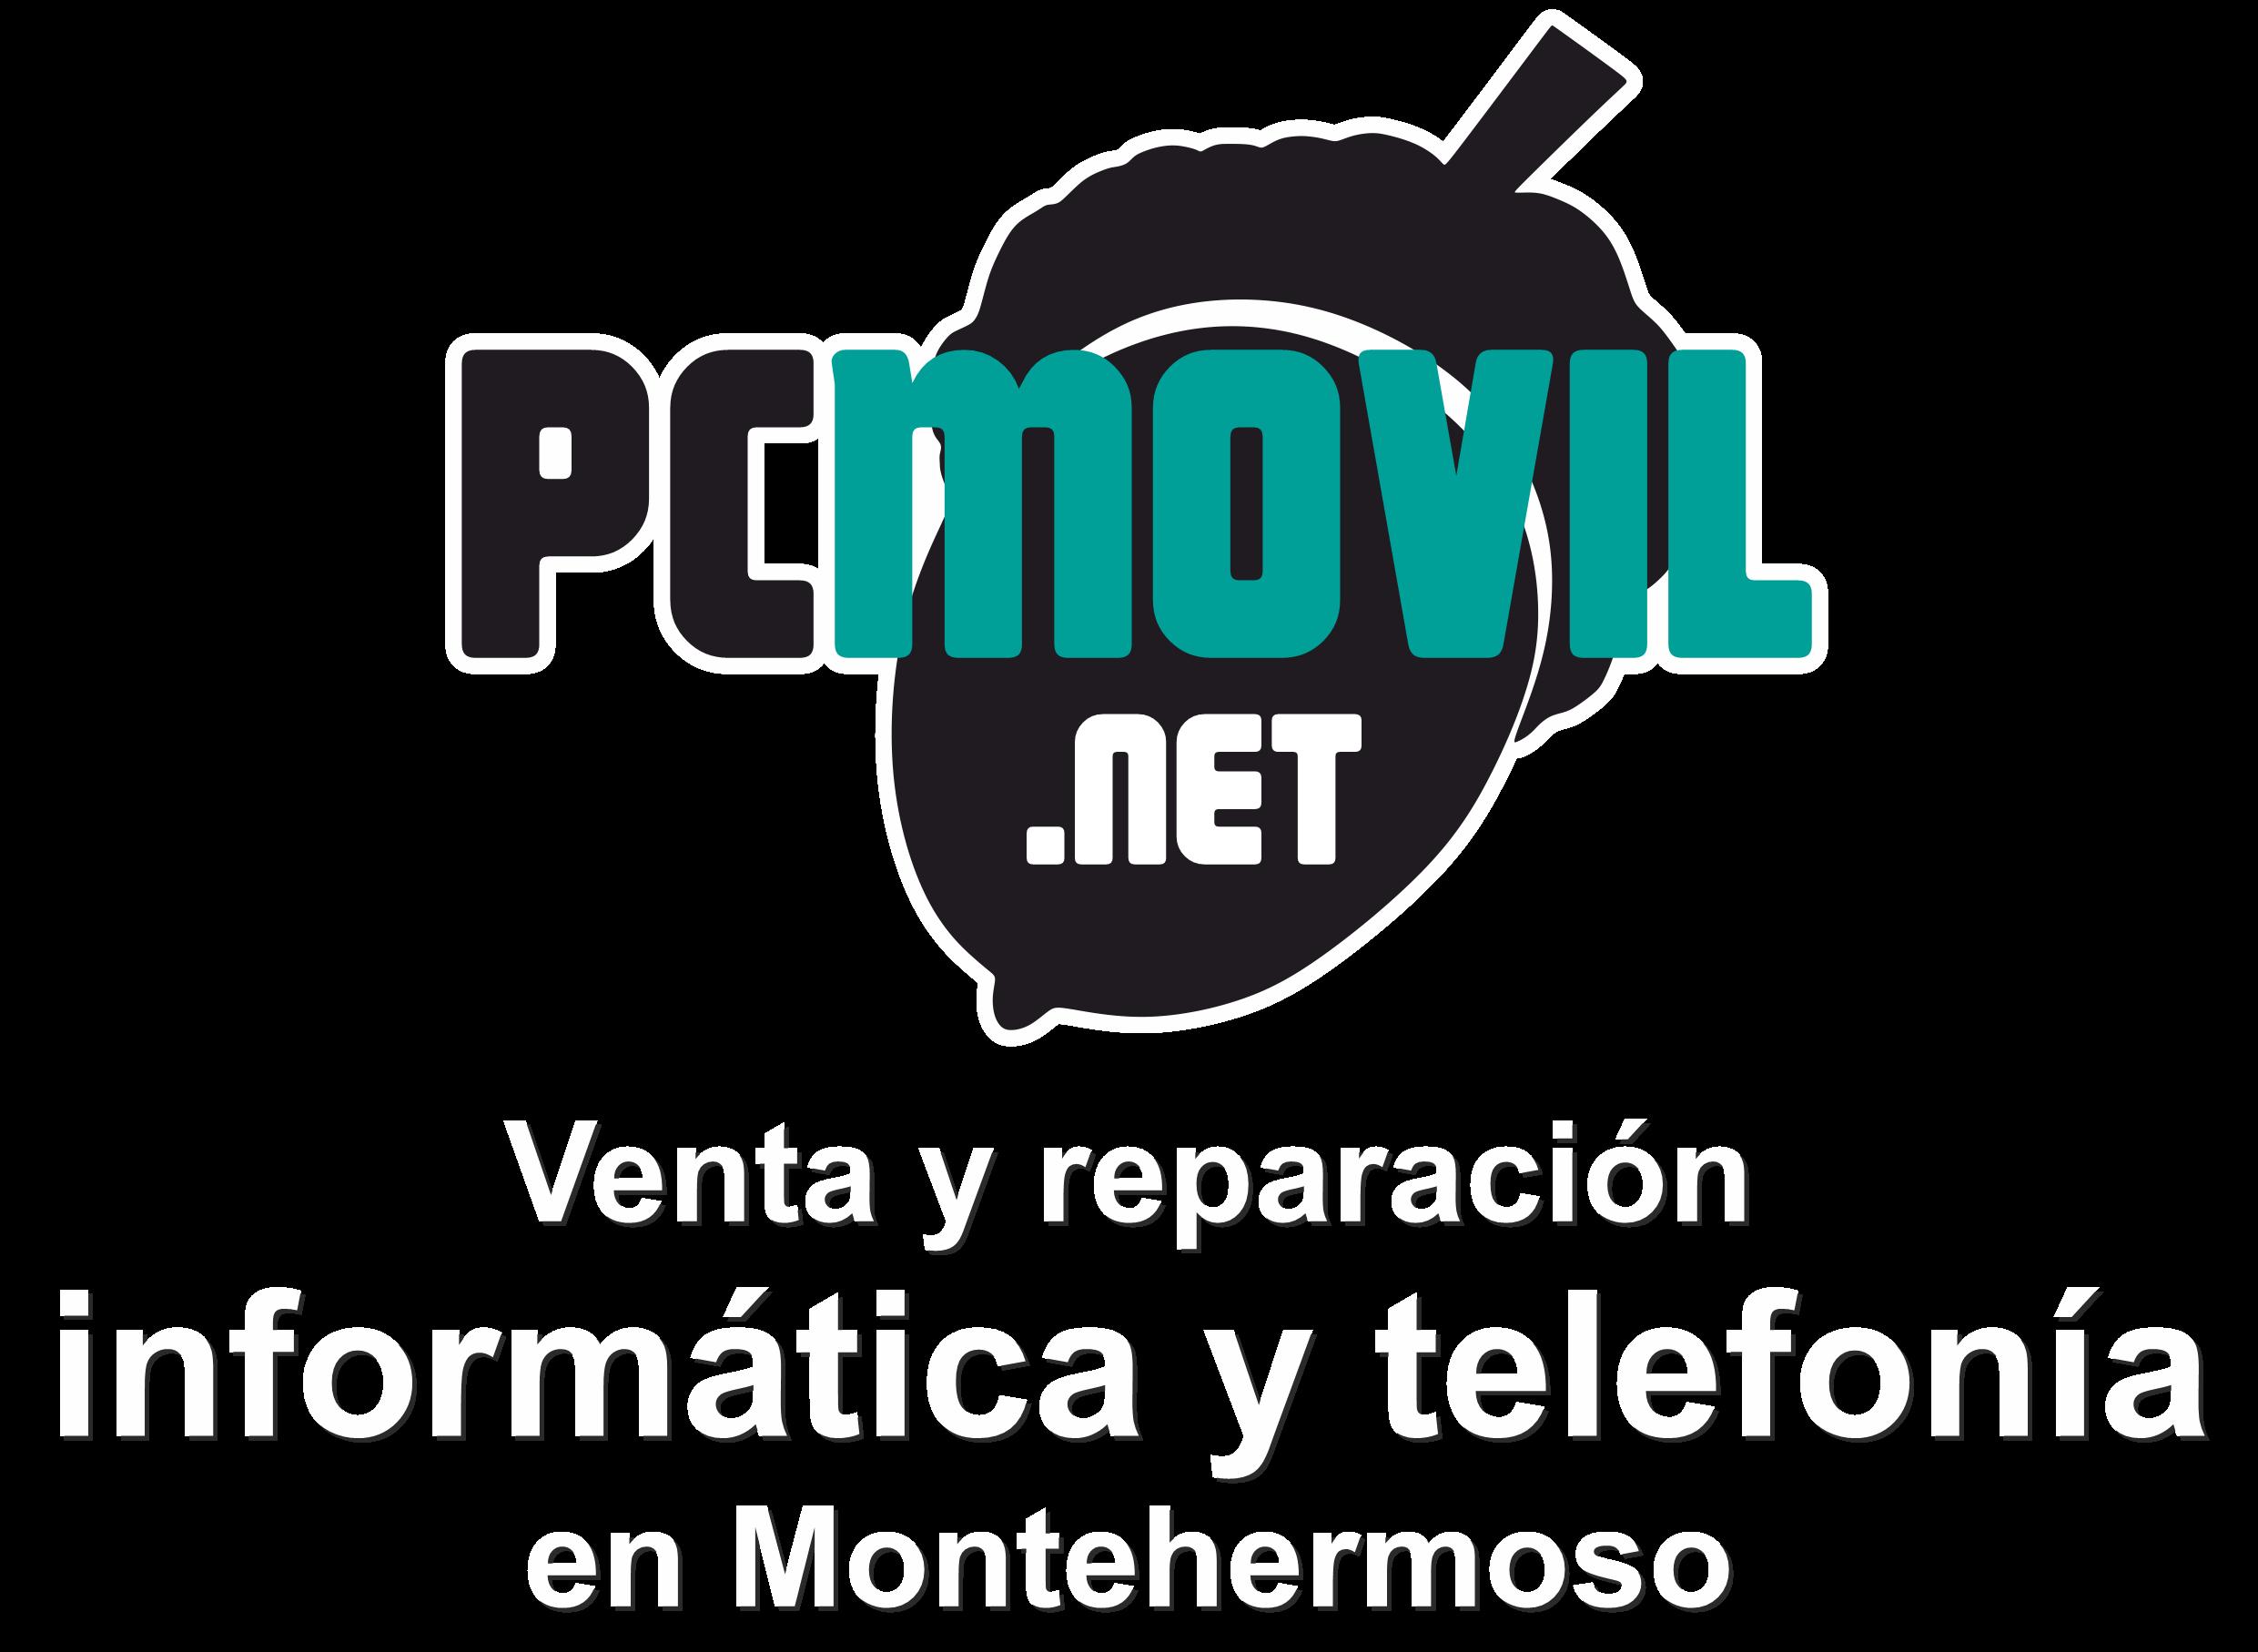 PcMovil